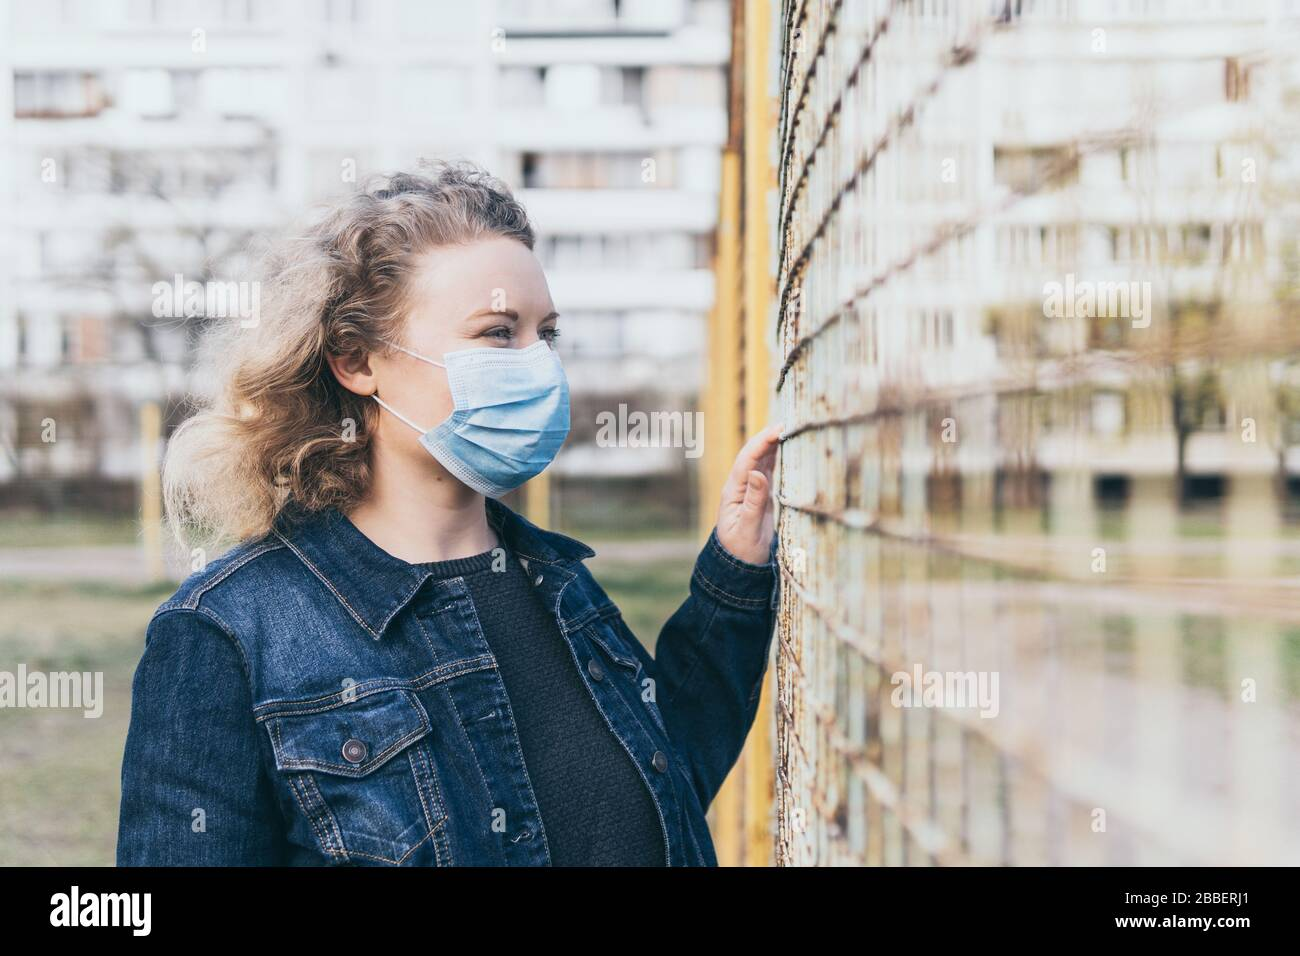 Osteuropäerin besorgt Frau, die im Freien medizinische Maske trägt, neben dem Gitterzaun mit Wohnhaus auf dem Hintergrund steht. Corona-Virus Stockfoto